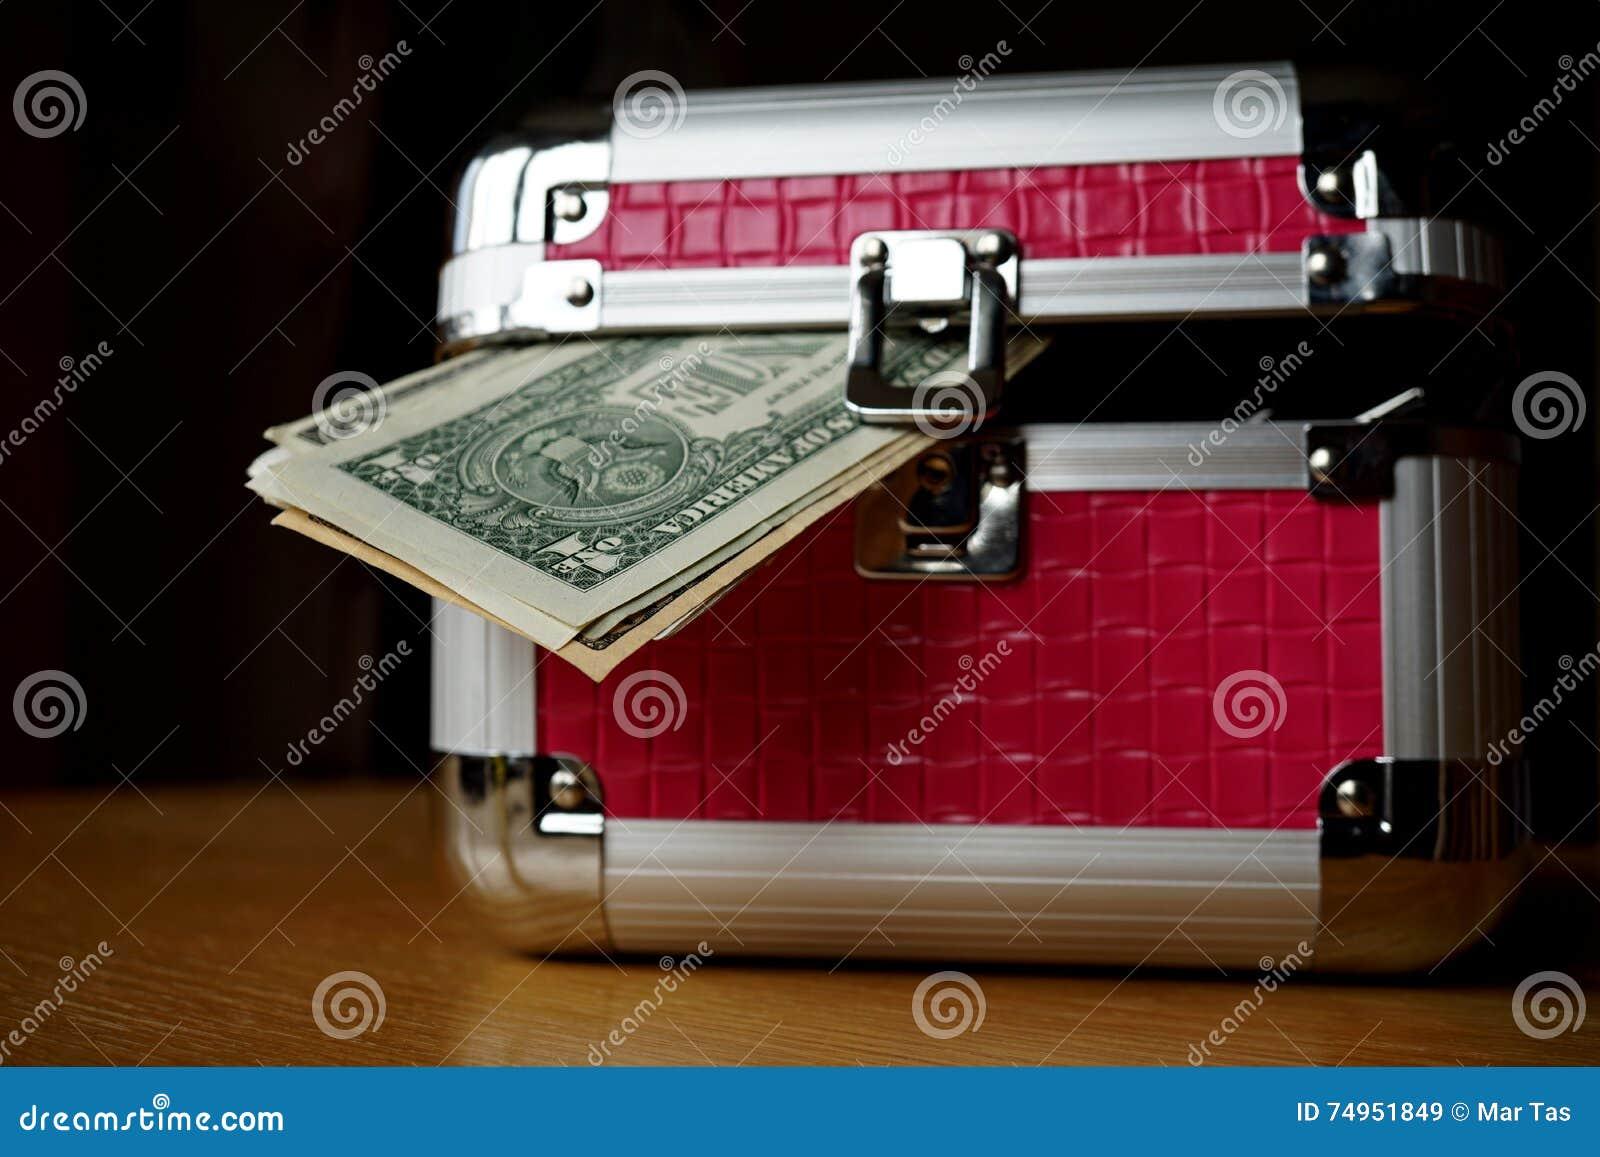 Μικρό ρόδινο strongbox με τις ασημένιες άκρες που κρατούν το παχύ πακέτο των χρημάτων (αμερικανικά δολάρια, Δολ ΗΠΑ)